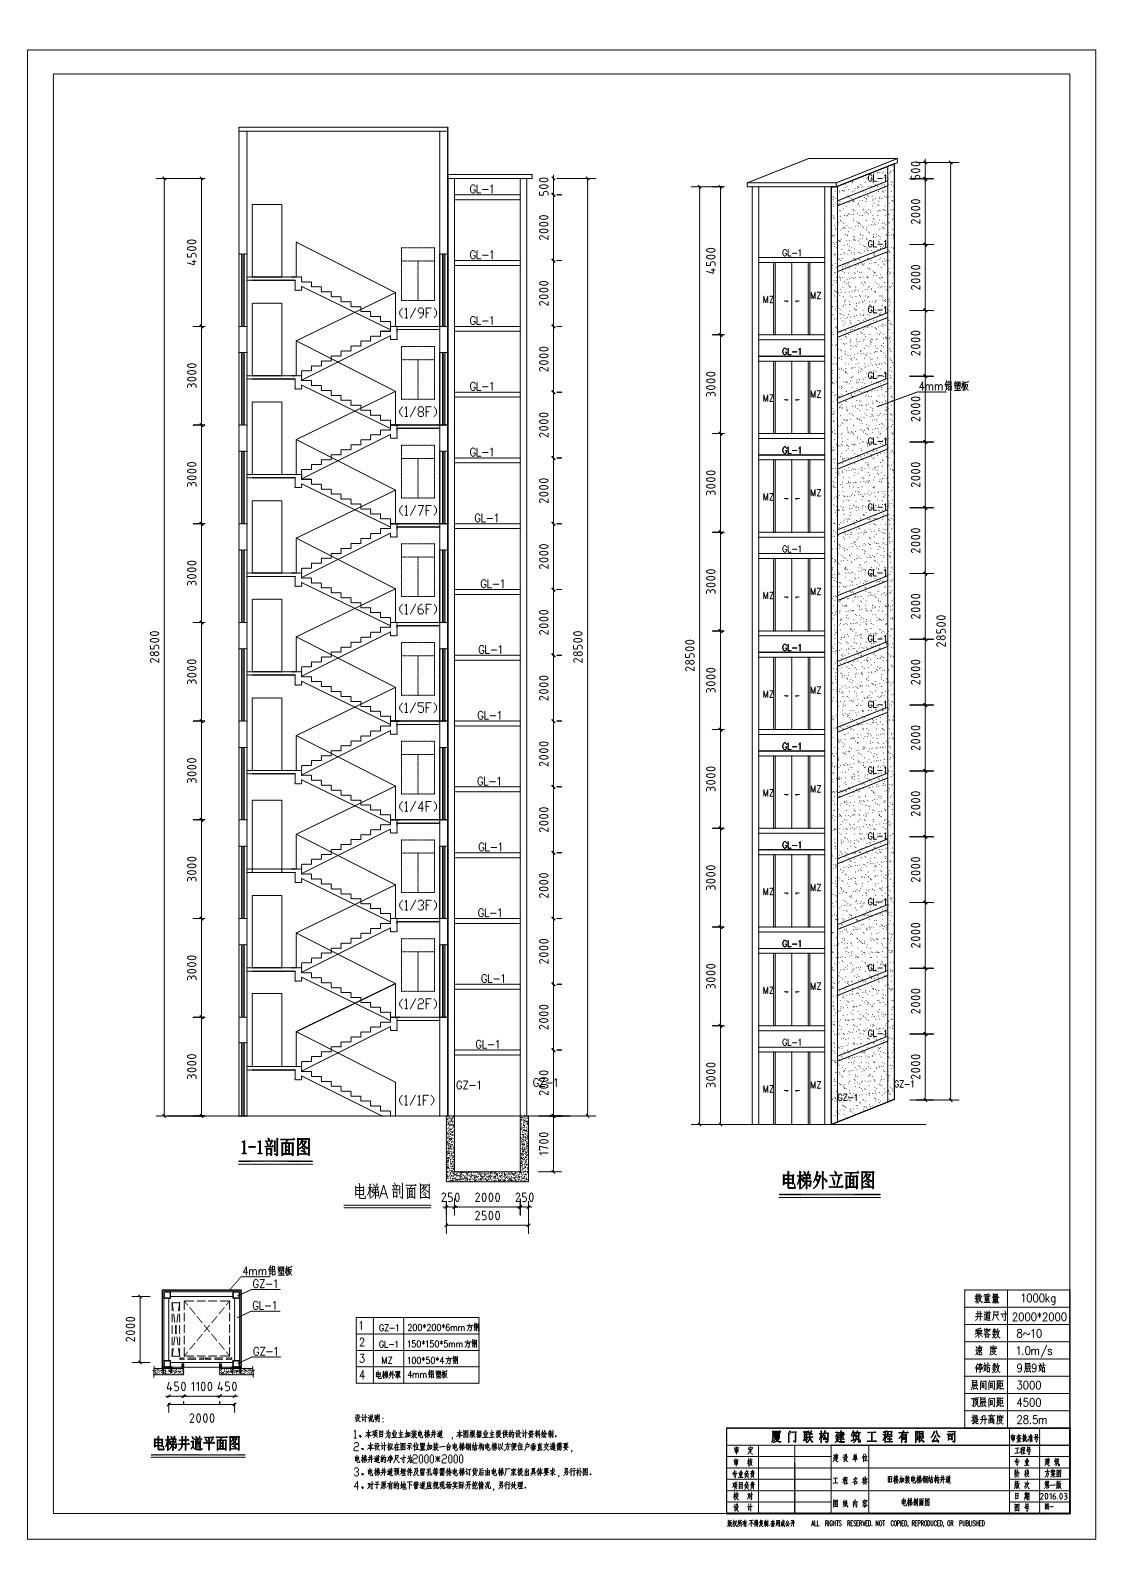 舊樓加裝電梯鋼結構井道方案圖